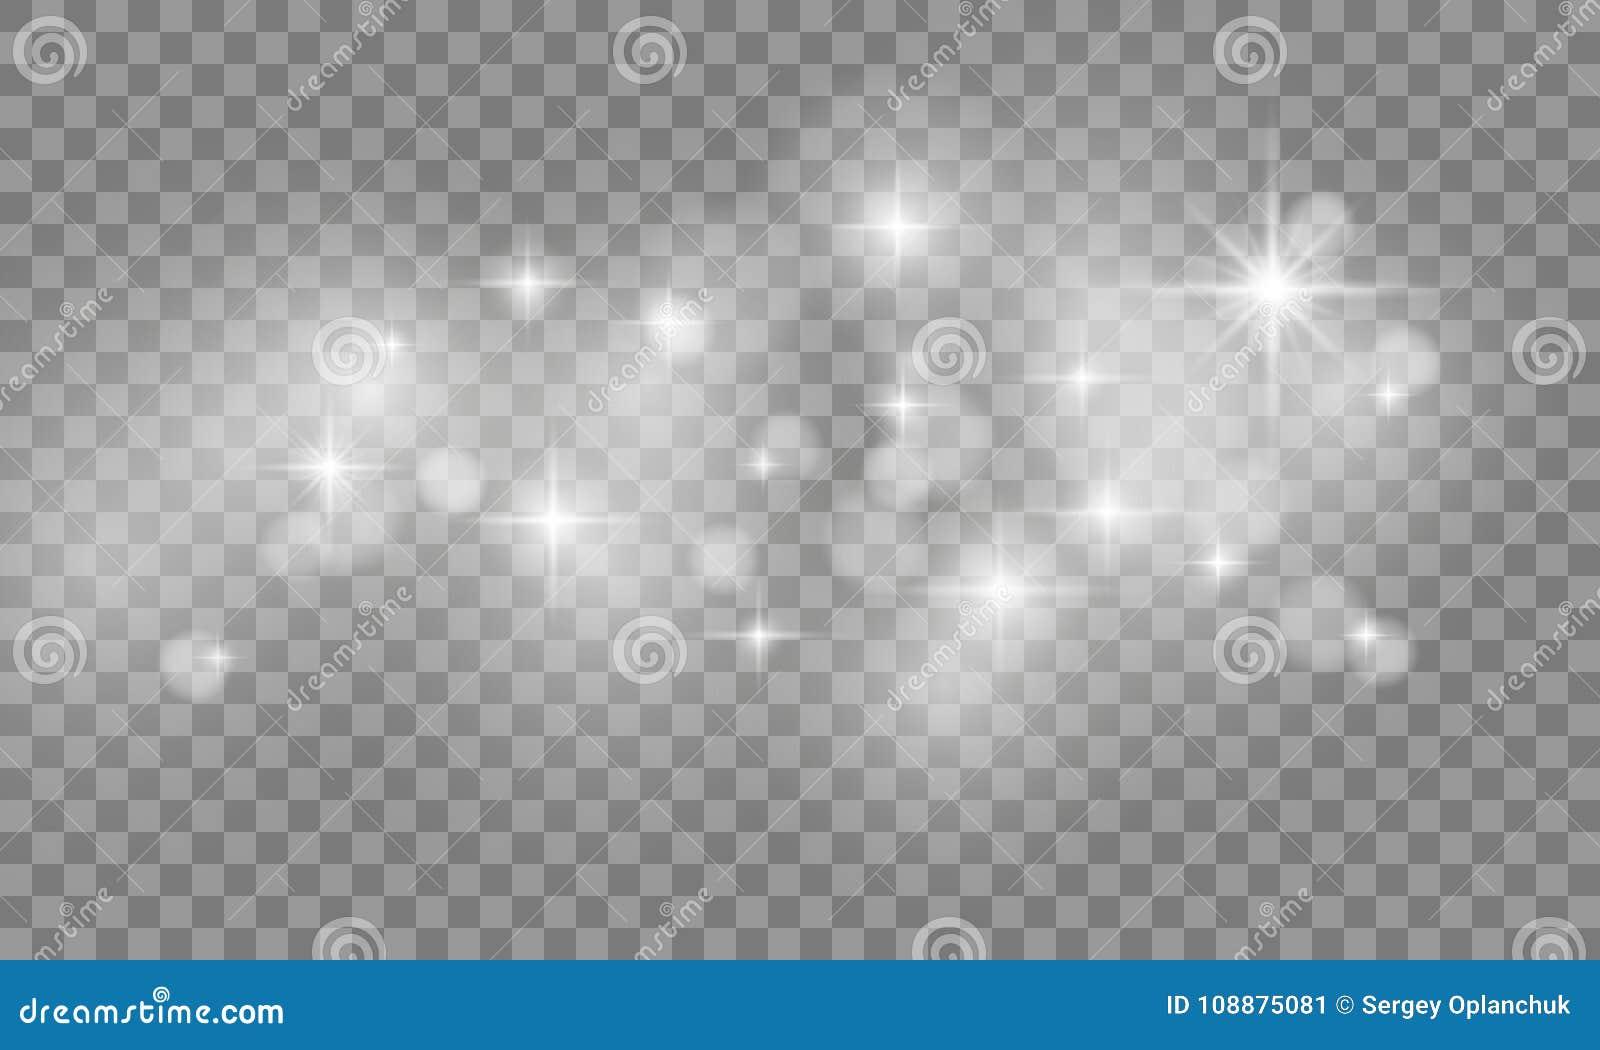 Σύνολο αστεριού που εκρήγνυνται και σπινθηρισμάτων με τα ελαφριά αποτελέσματα πυράκτωσης Λάμψη ήλιων με το επίκεντρο στο διαφανές